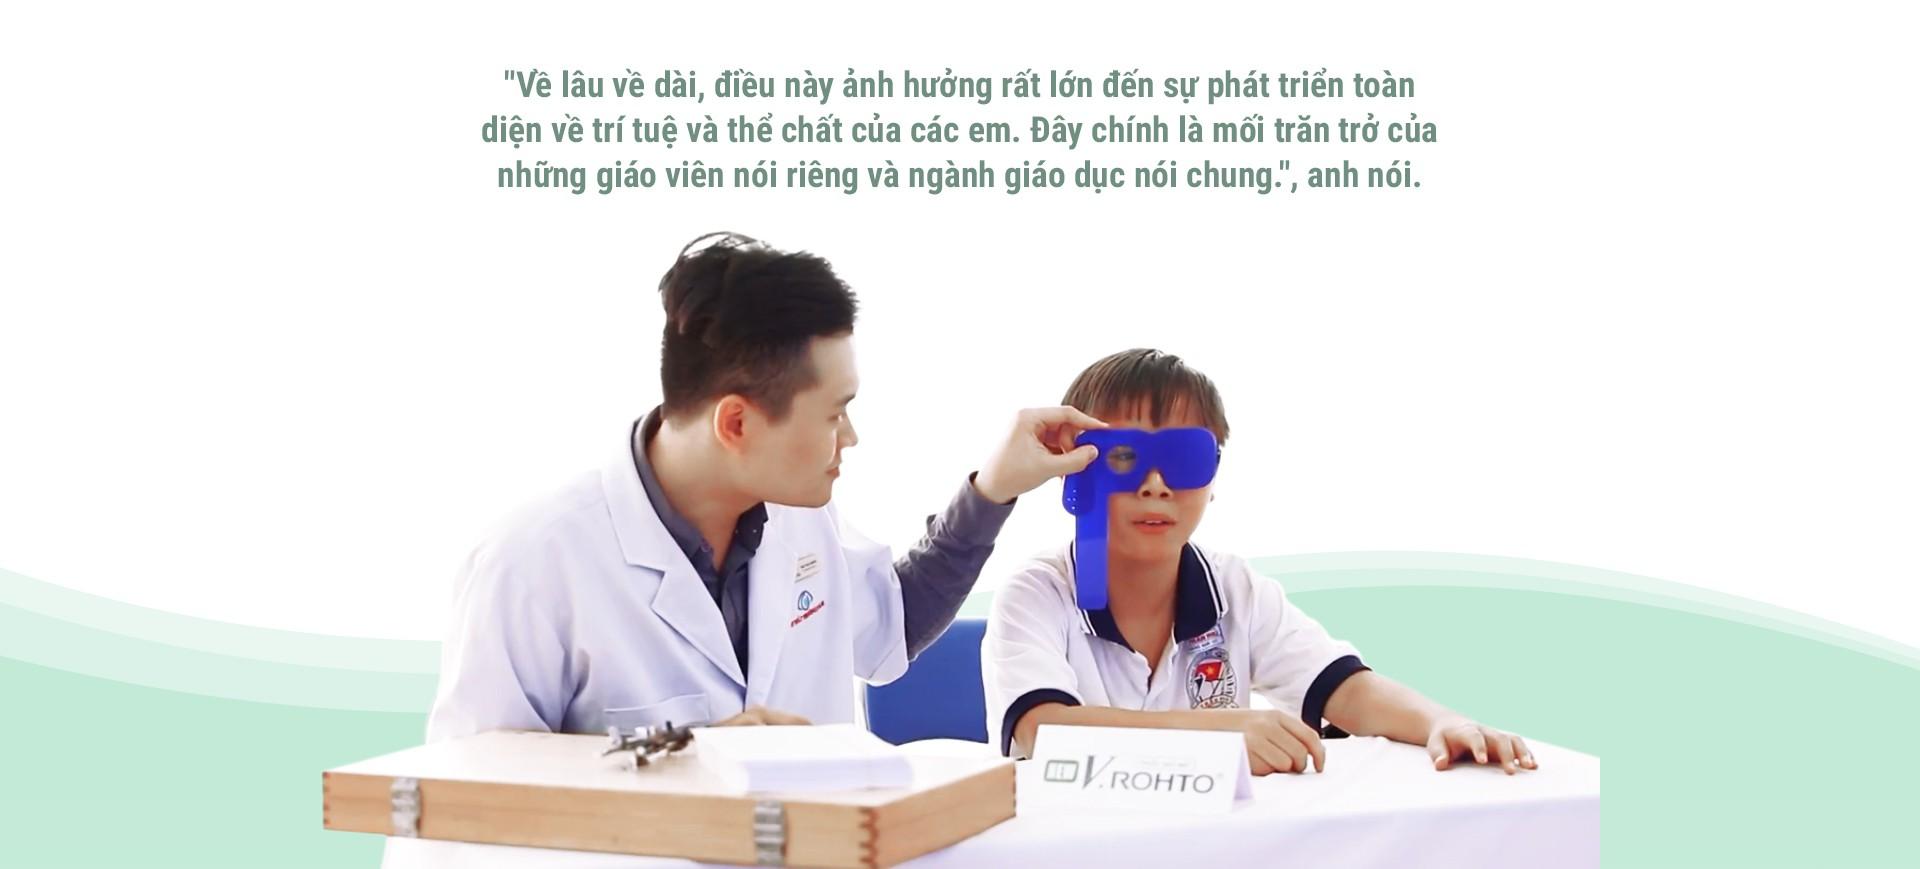 Chăm Sóc Mắt Học Đường - Hành trình 14 năm bảo vệ đôi mắt - Ảnh 2.